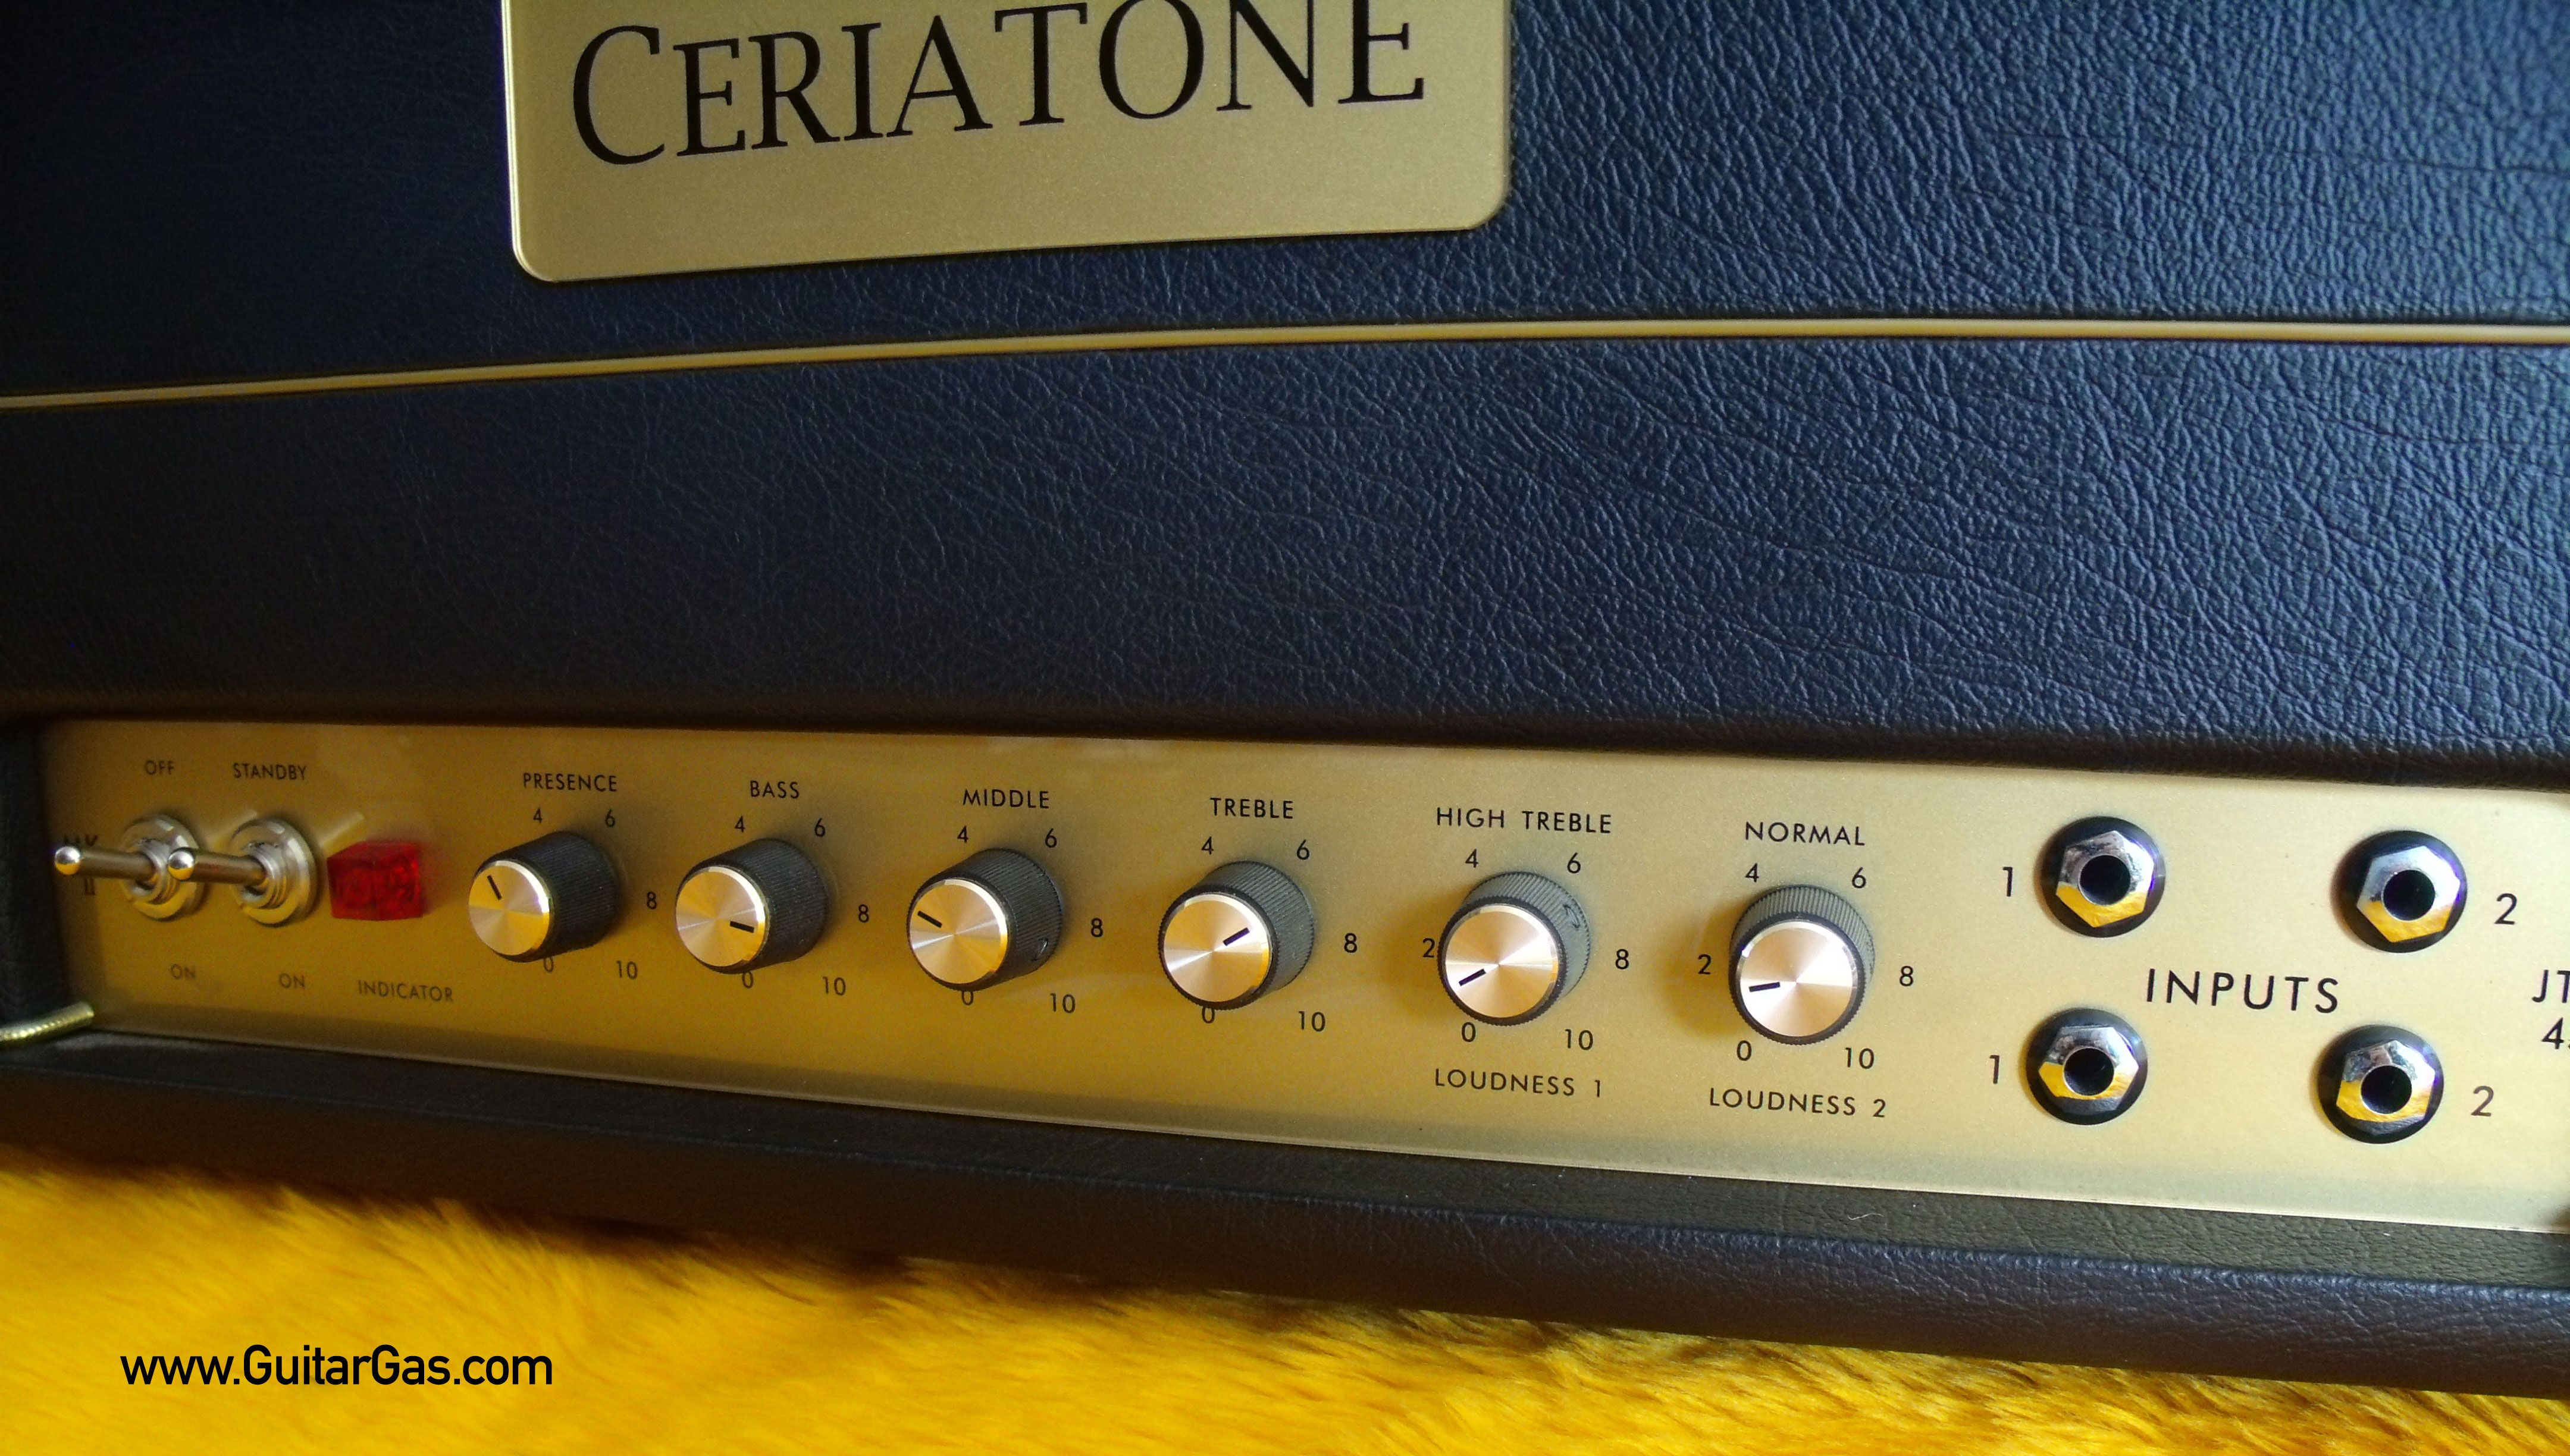 Ceriatone JTM45 Inputs and Controls   Ceriatone JTM45 Clone